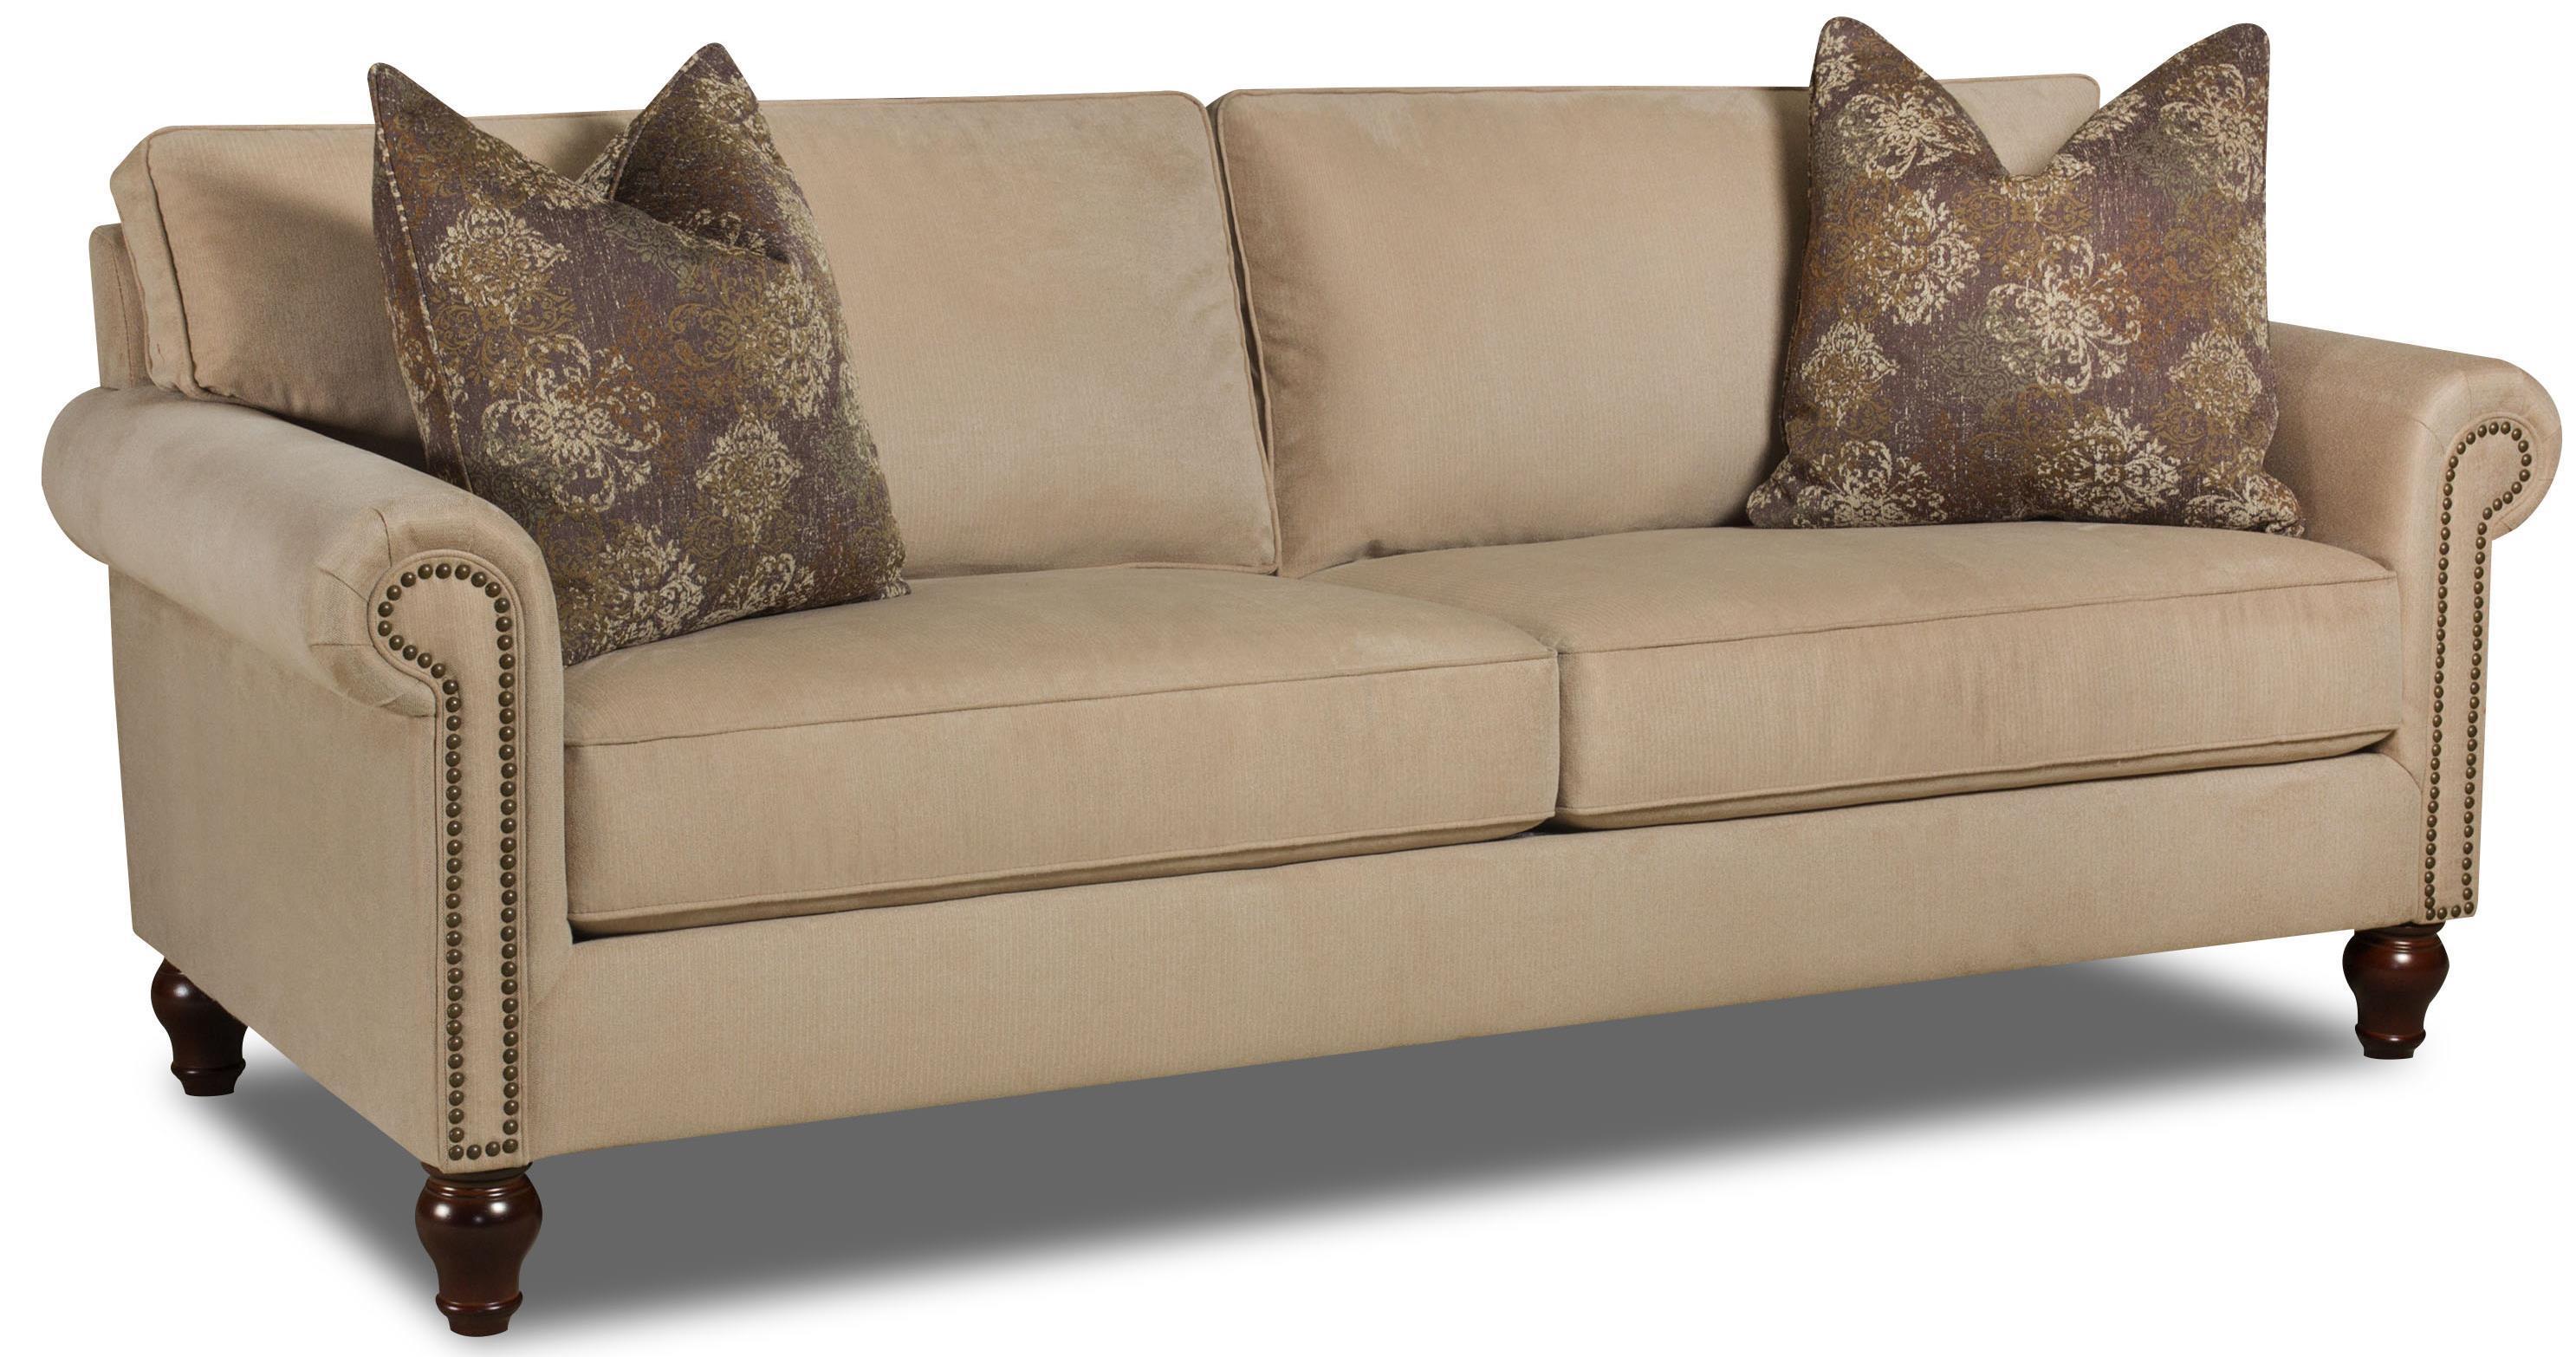 Bauhaus Sofa | Tehranmix Decoration Within Bauhaus Furniture Sectional Sofas (Image 10 of 20)